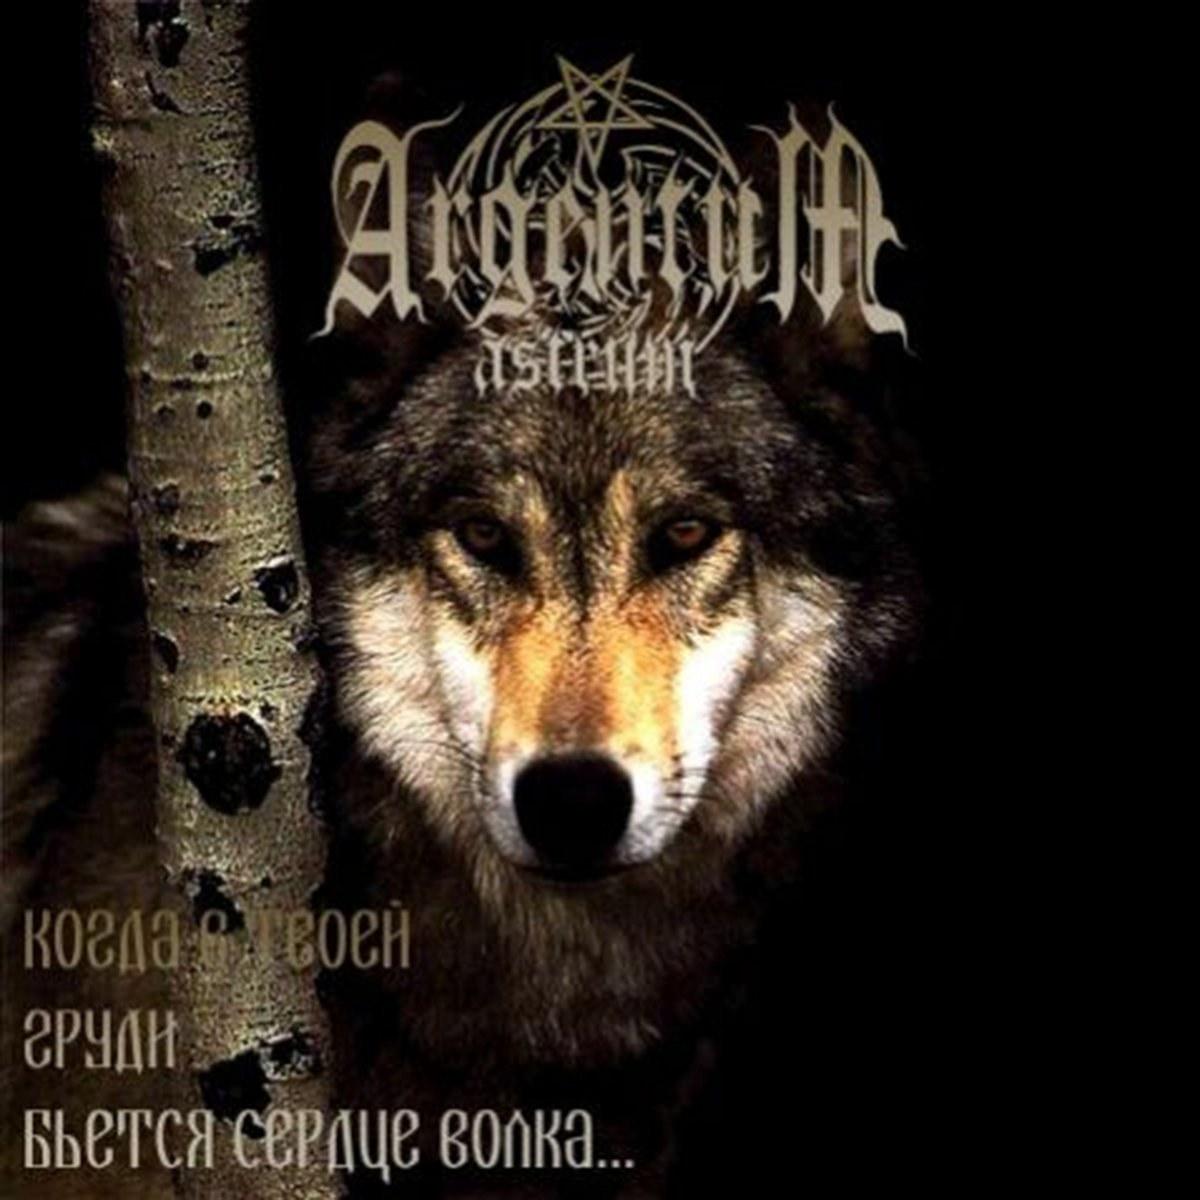 Review for Argentum Astrum - Когда в твоей груди бьётся сердце волка...